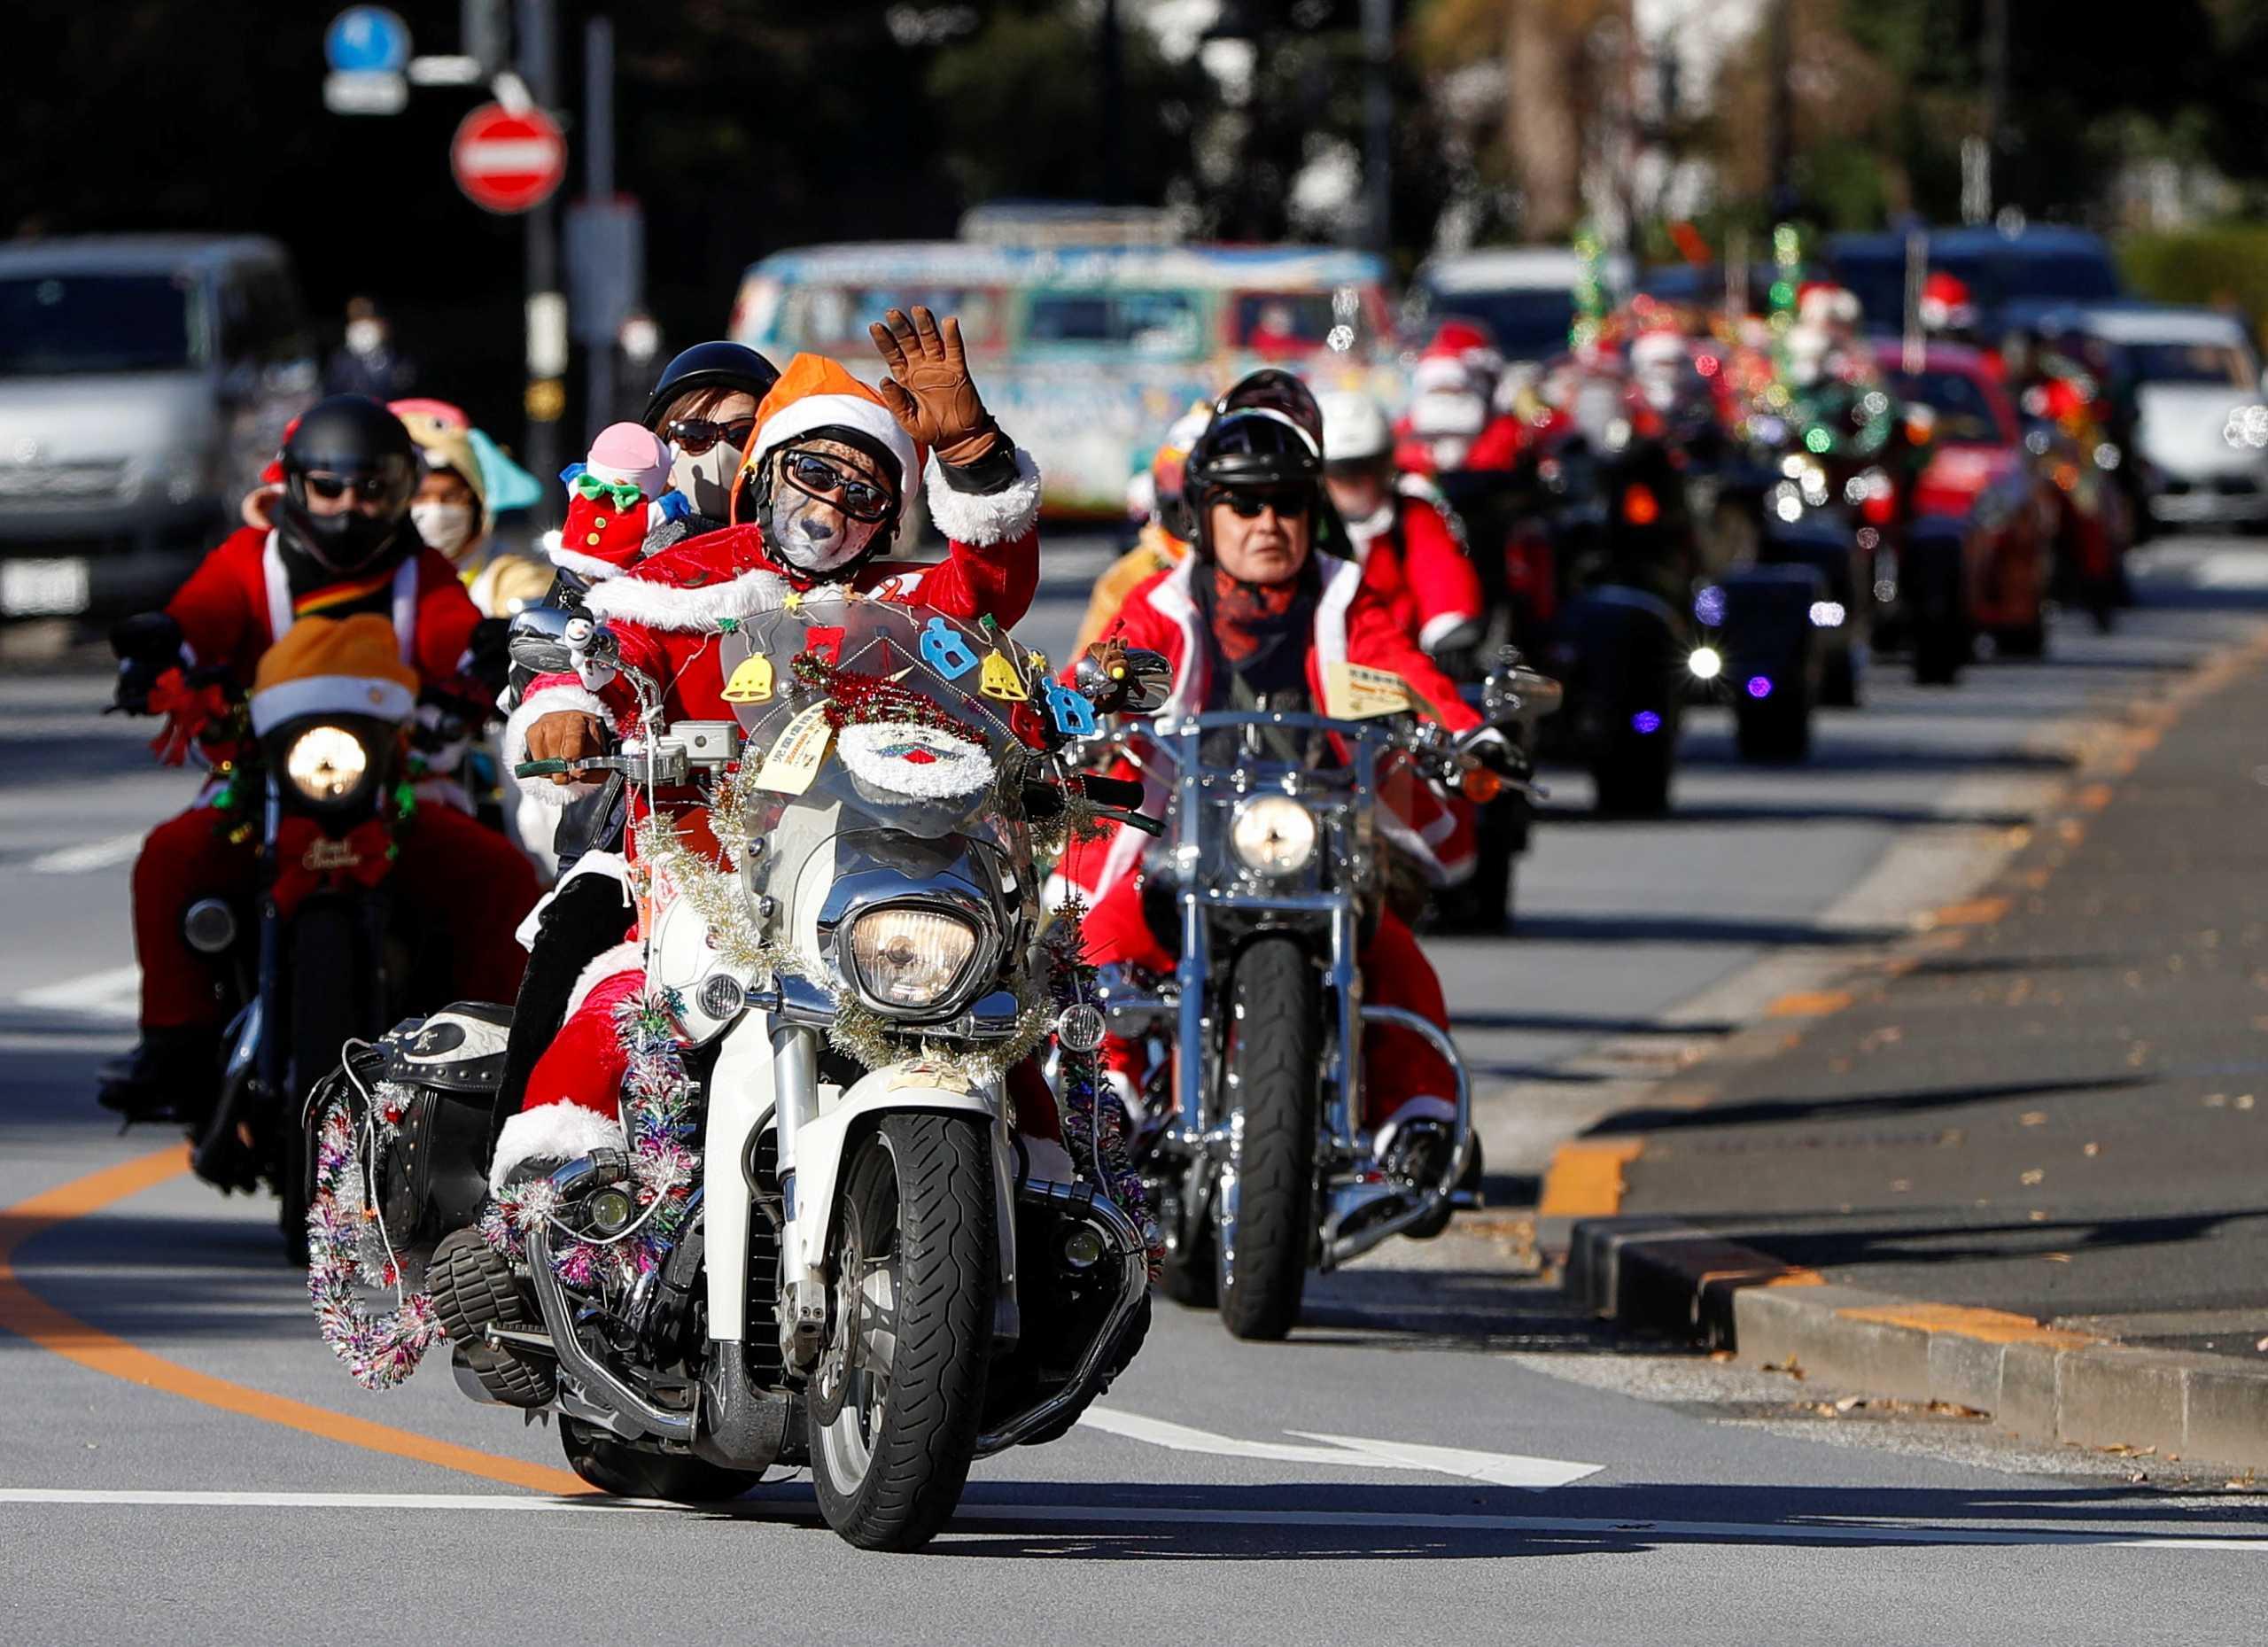 Οι δρόμοι του Τόκιο γέμισαν με μηχανόβιους Άγιους Βασίληδες (pics)